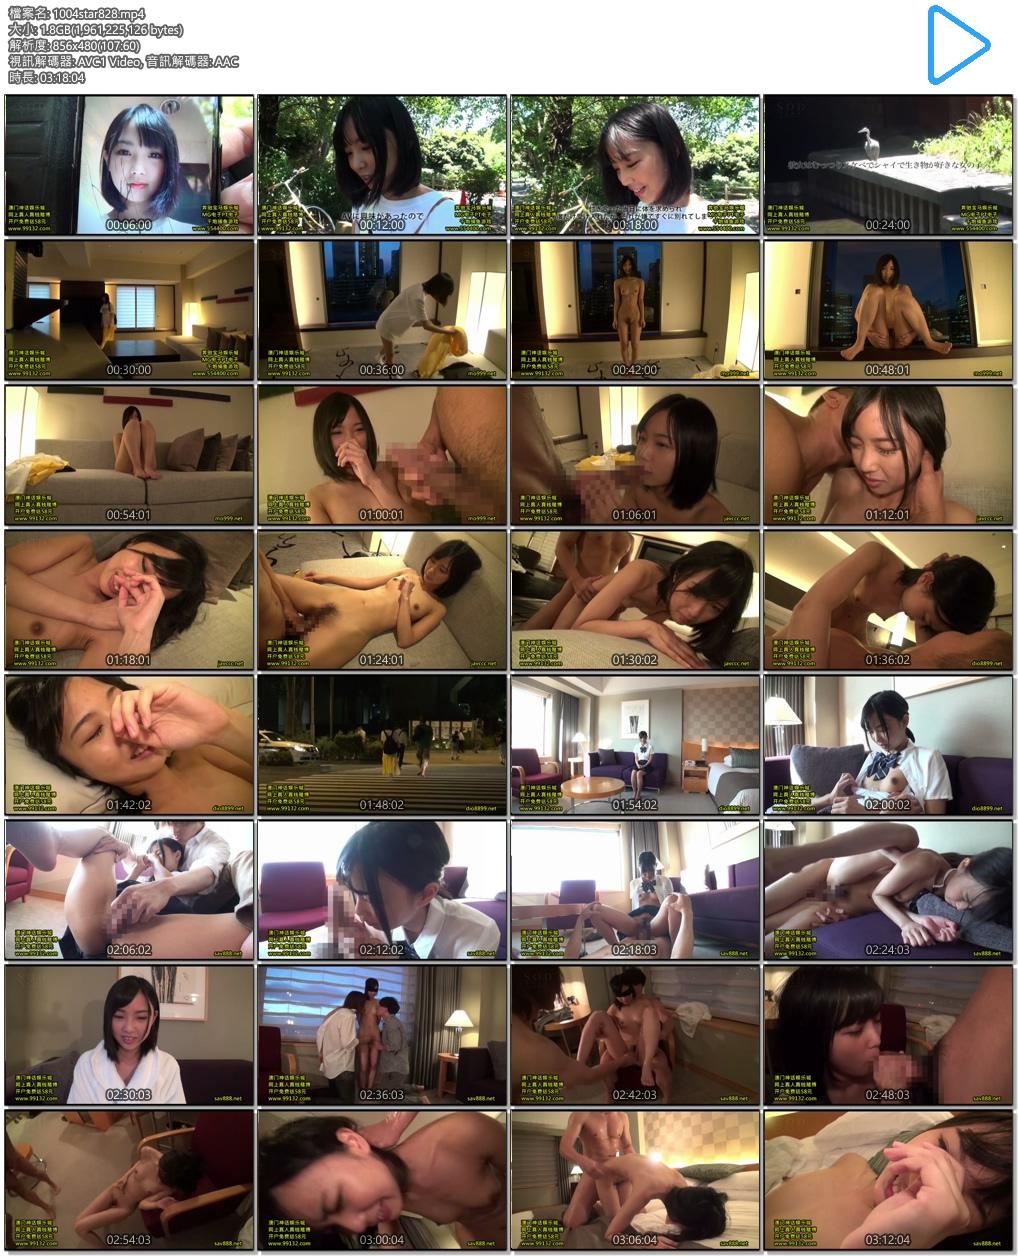 image http://scanlover.com/assets/images/7556-2y8hVbDv6A5sAfFS.jpeg